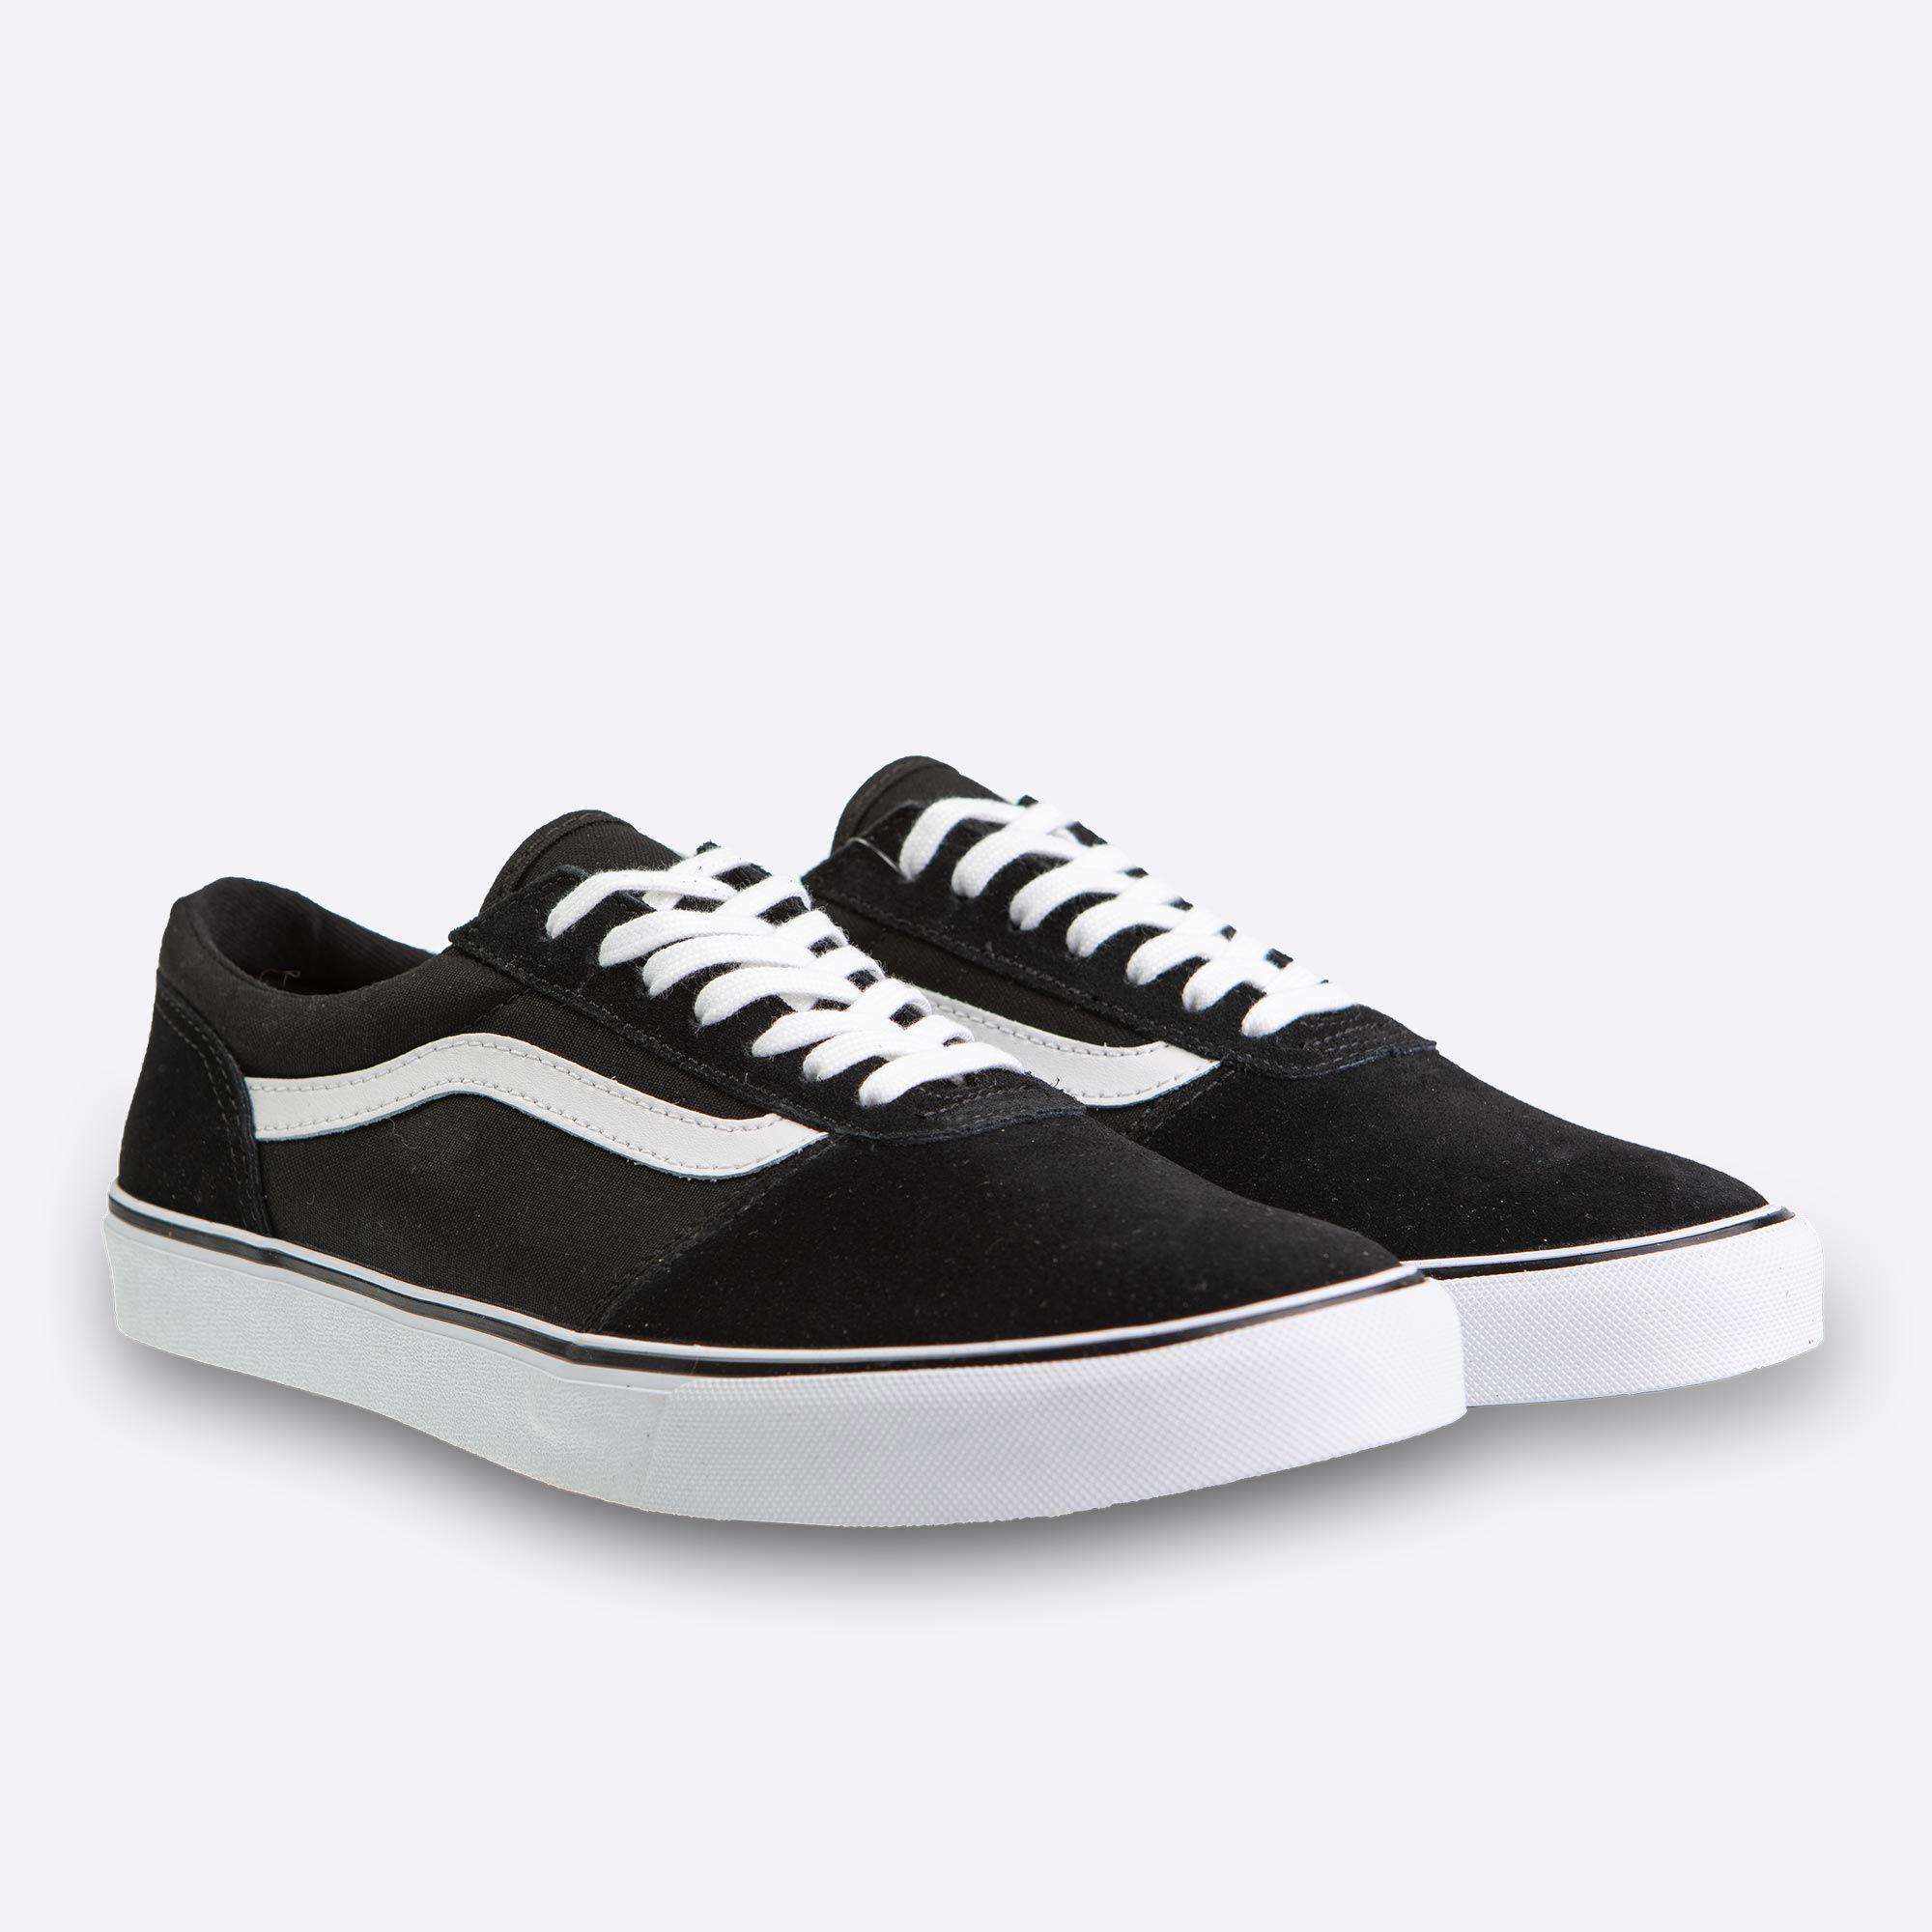 174636f68d7 Černé dámské tenisky Vans Wm Maddie Suede Canvas Black And White